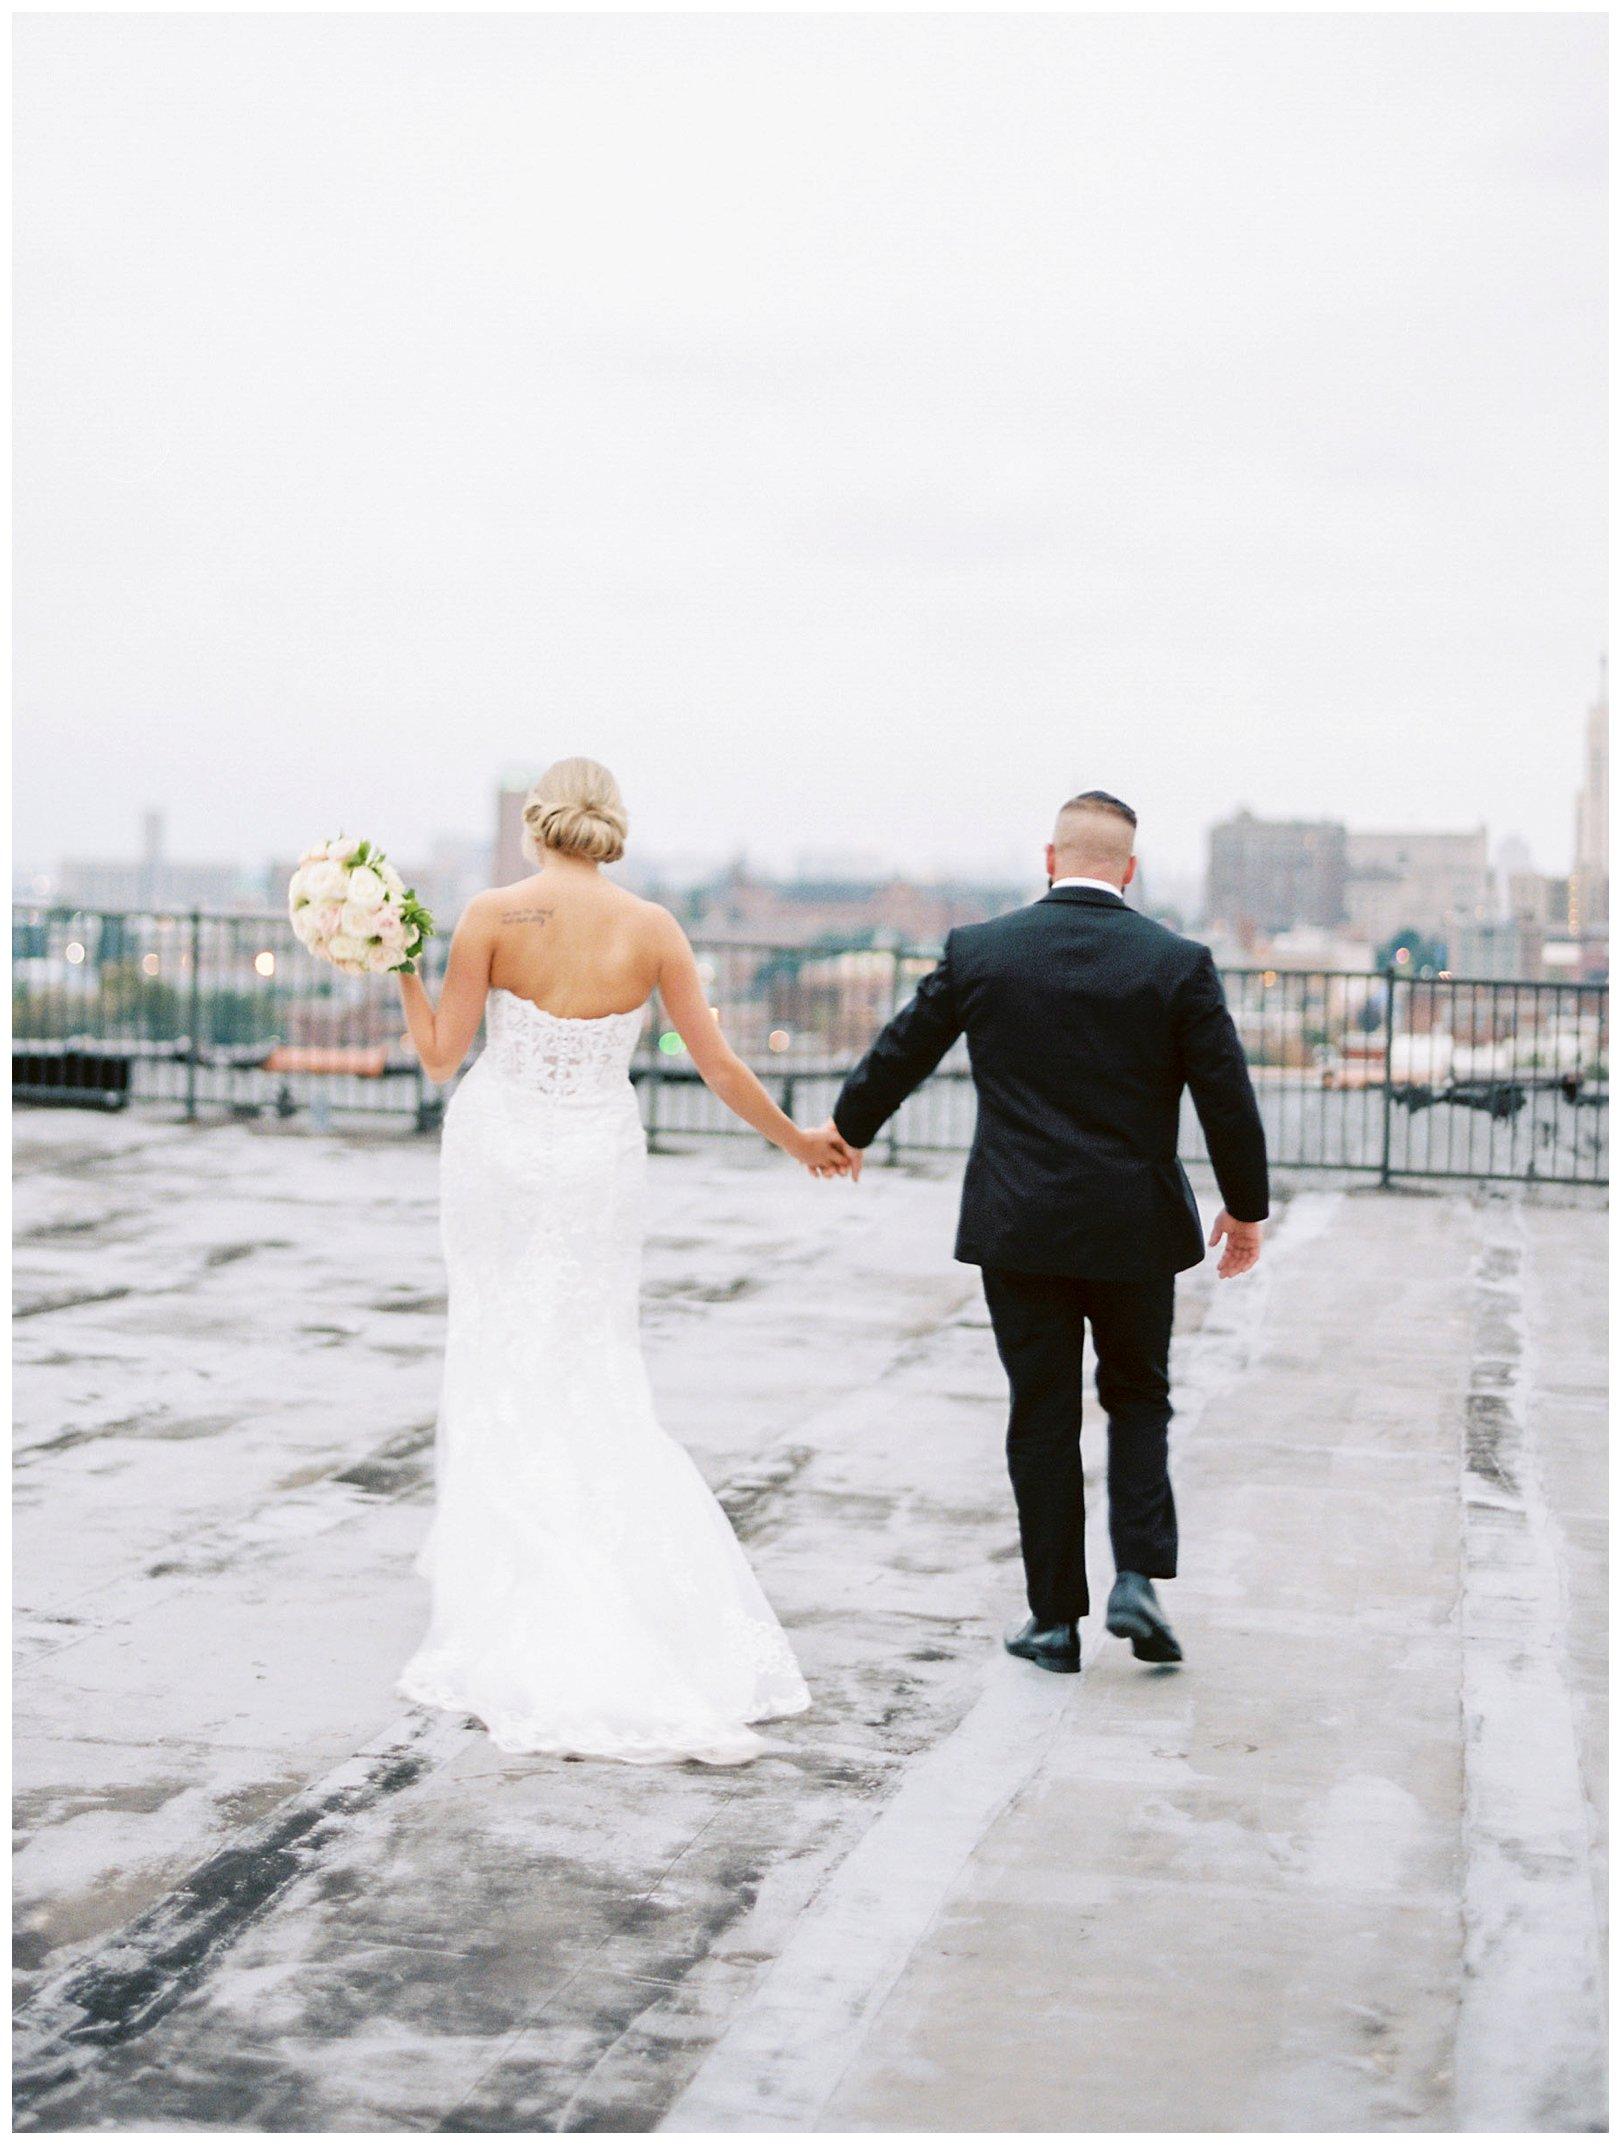 lauren muckler photography_fine art film wedding photography_st louis_photography_2161.jpg